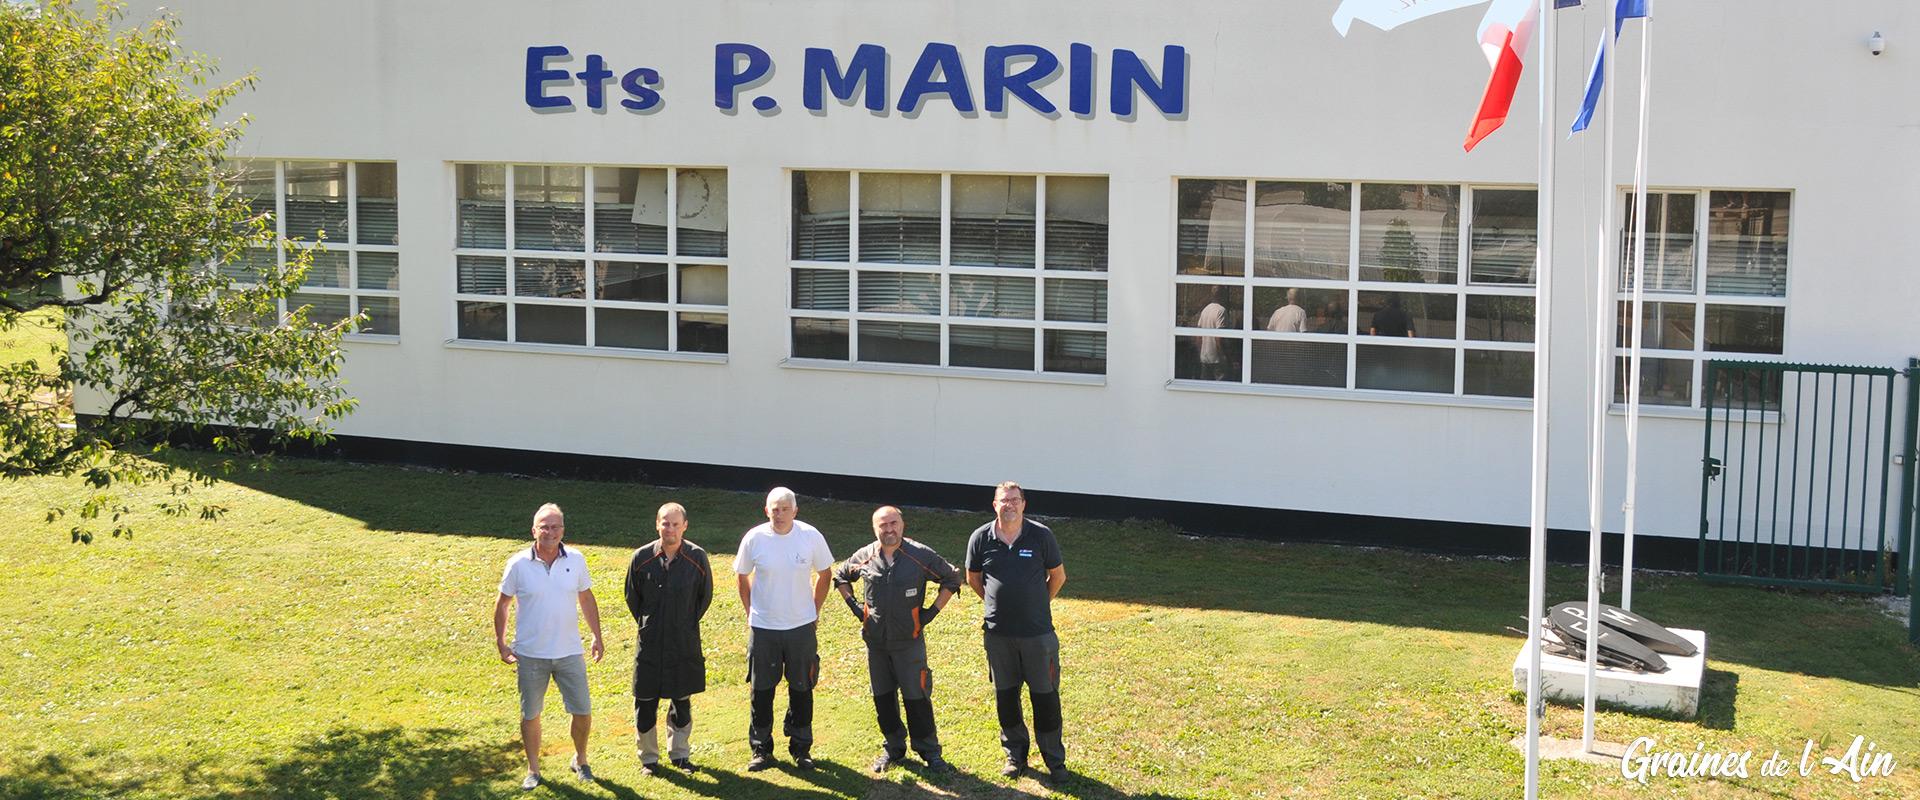 EPM et SBM- Pascal et Stéphane Marin - Mécanique à Port - Magazine Graines de l' Ain